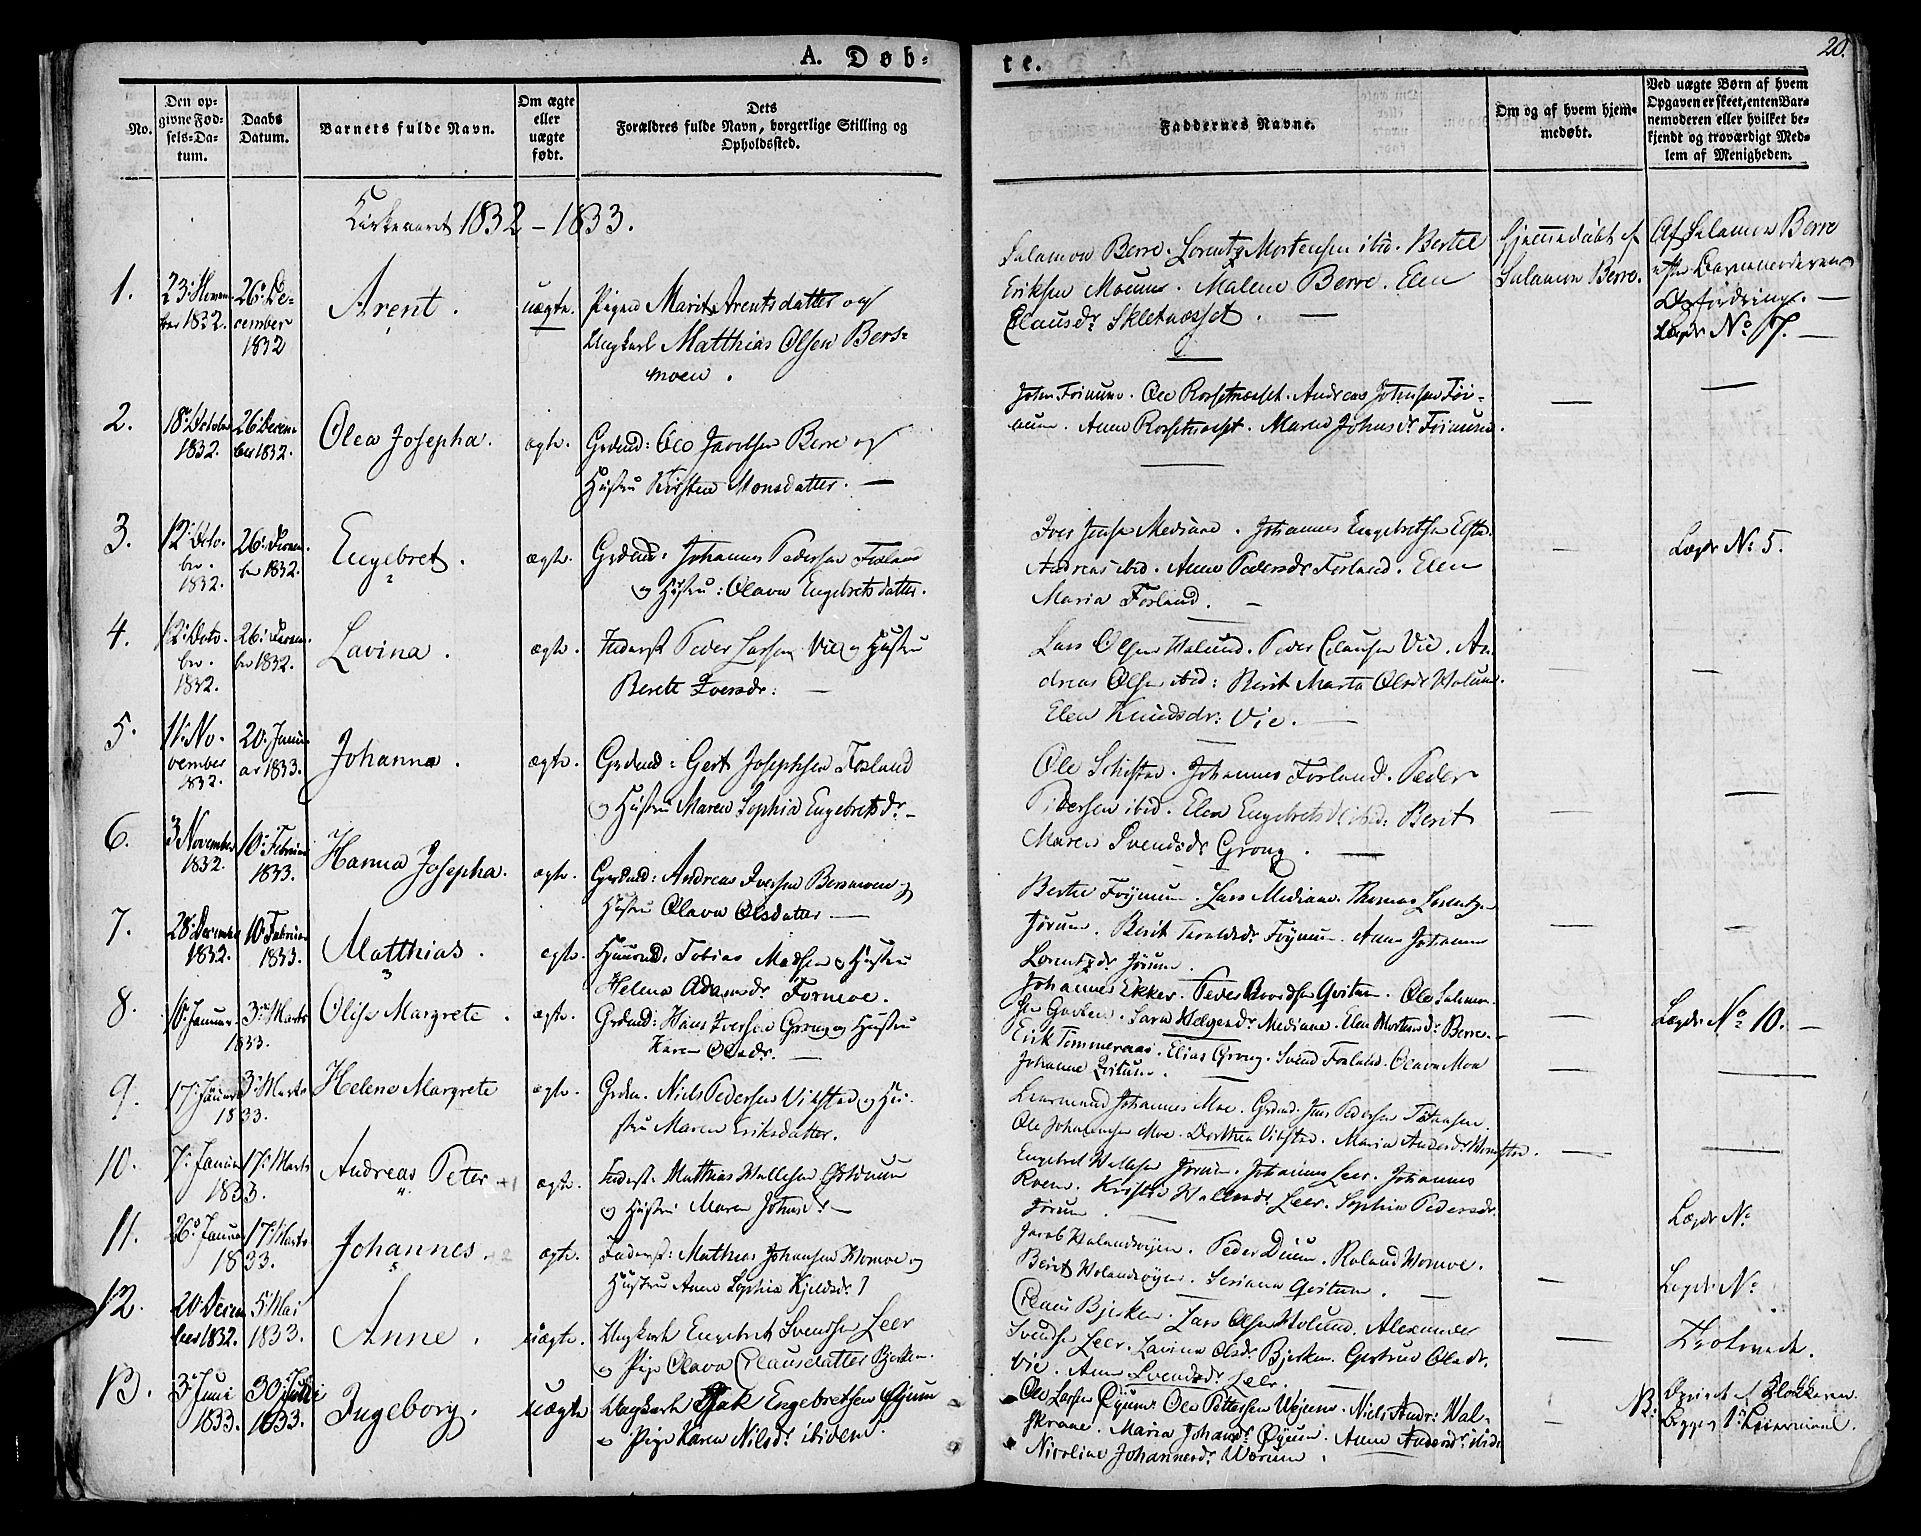 SAT, Ministerialprotokoller, klokkerbøker og fødselsregistre - Nord-Trøndelag, 758/L0510: Ministerialbok nr. 758A01 /1, 1821-1841, s. 20